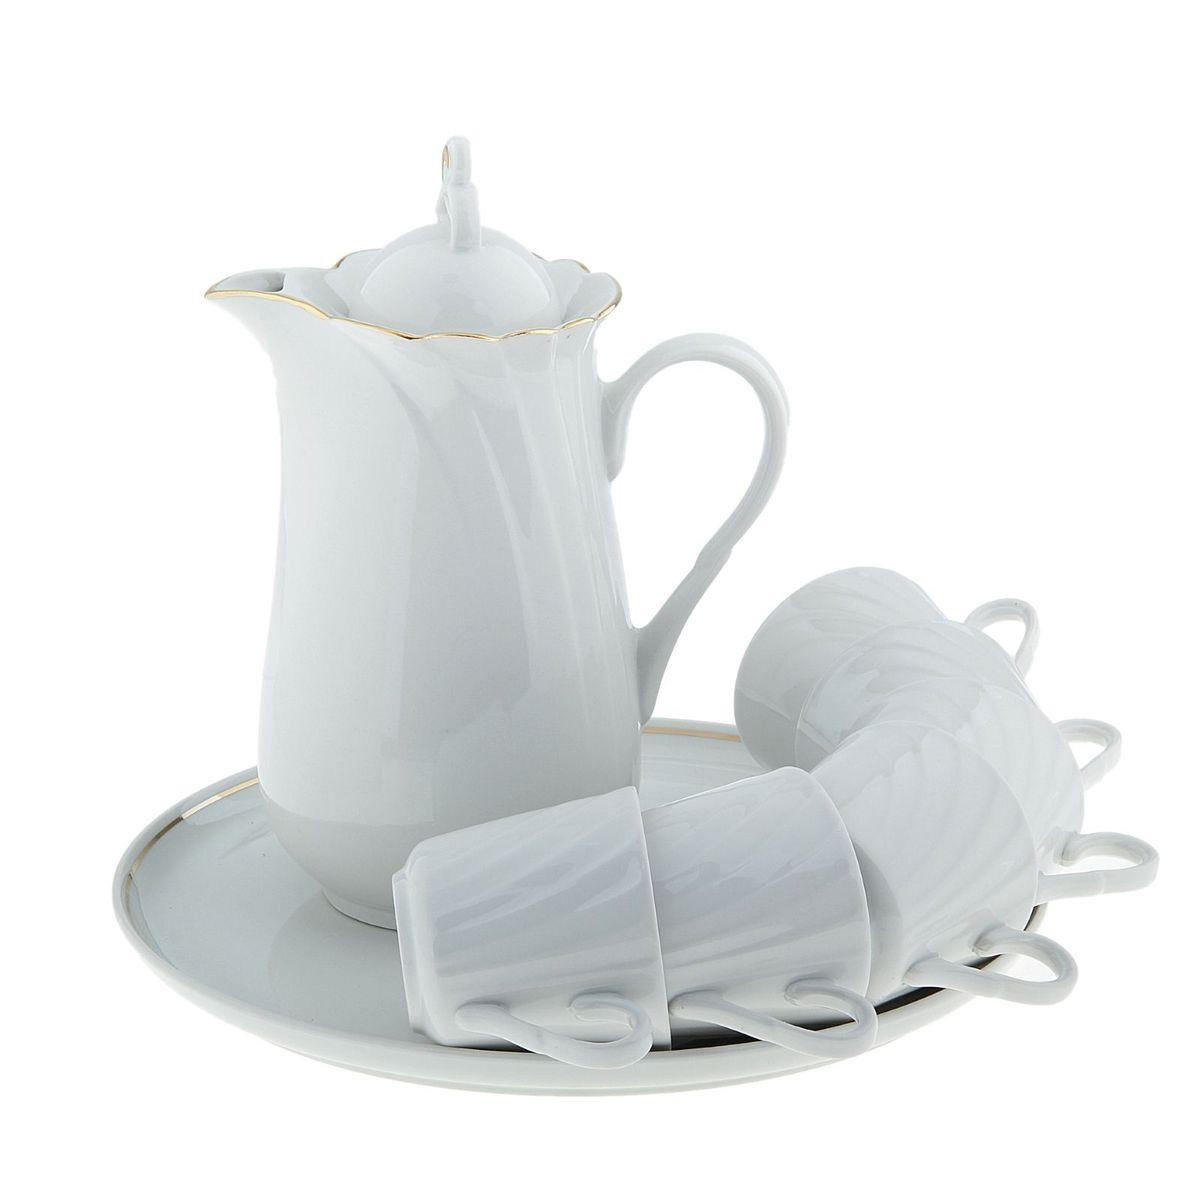 Набор питьевой Голубка, 8 предметовVT-1520(SR)кувшин 1300 мл, 1 шт.;чайная чашка 220 мл, 6 шт.;блюдо для закусок 300 мм, 1 шт.